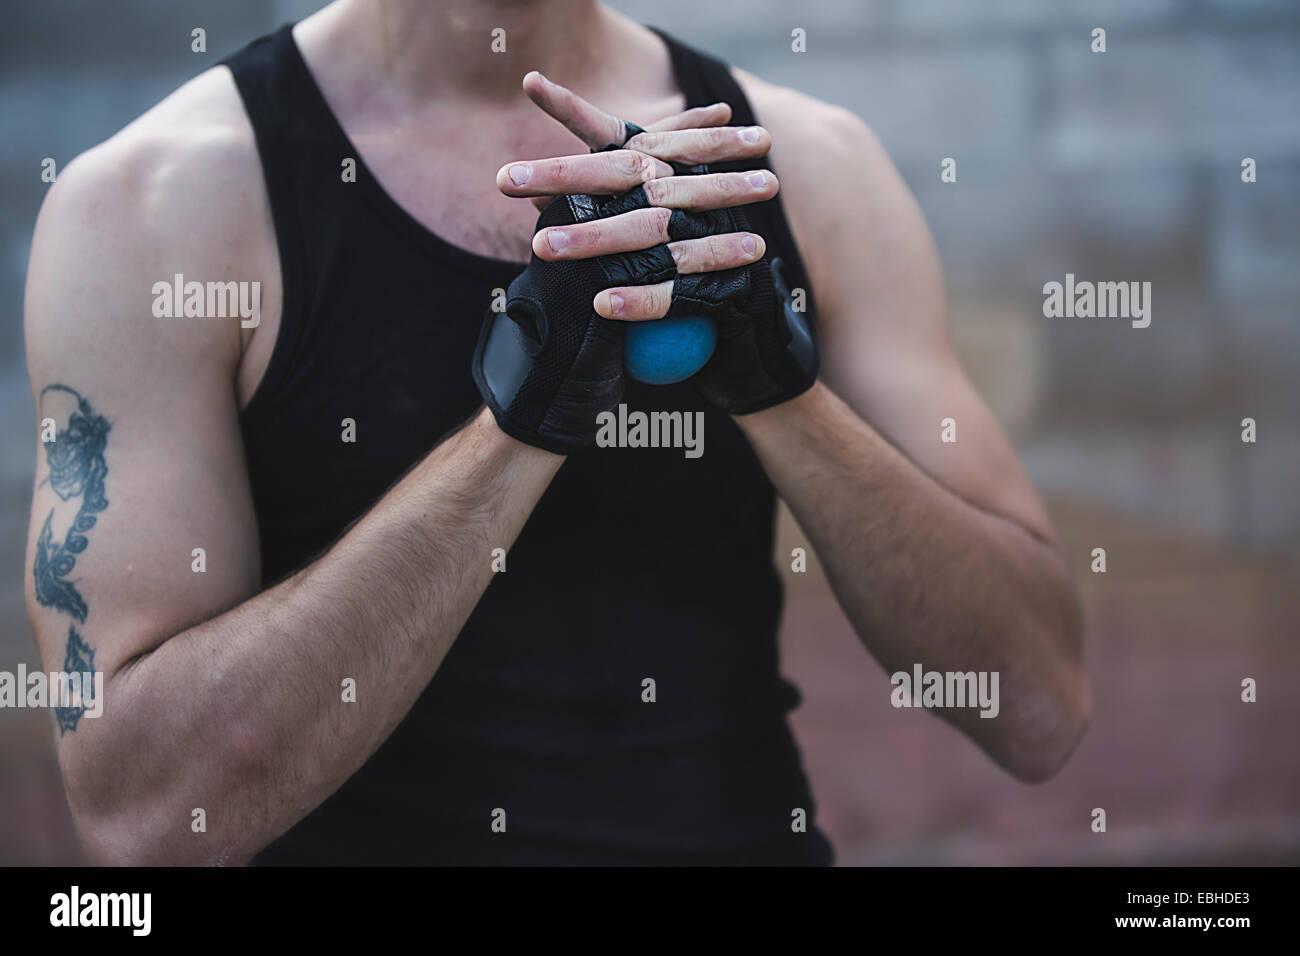 Schuss von jungen männlichen Handballspieler quetschen Kugel abgeschnitten Stockbild